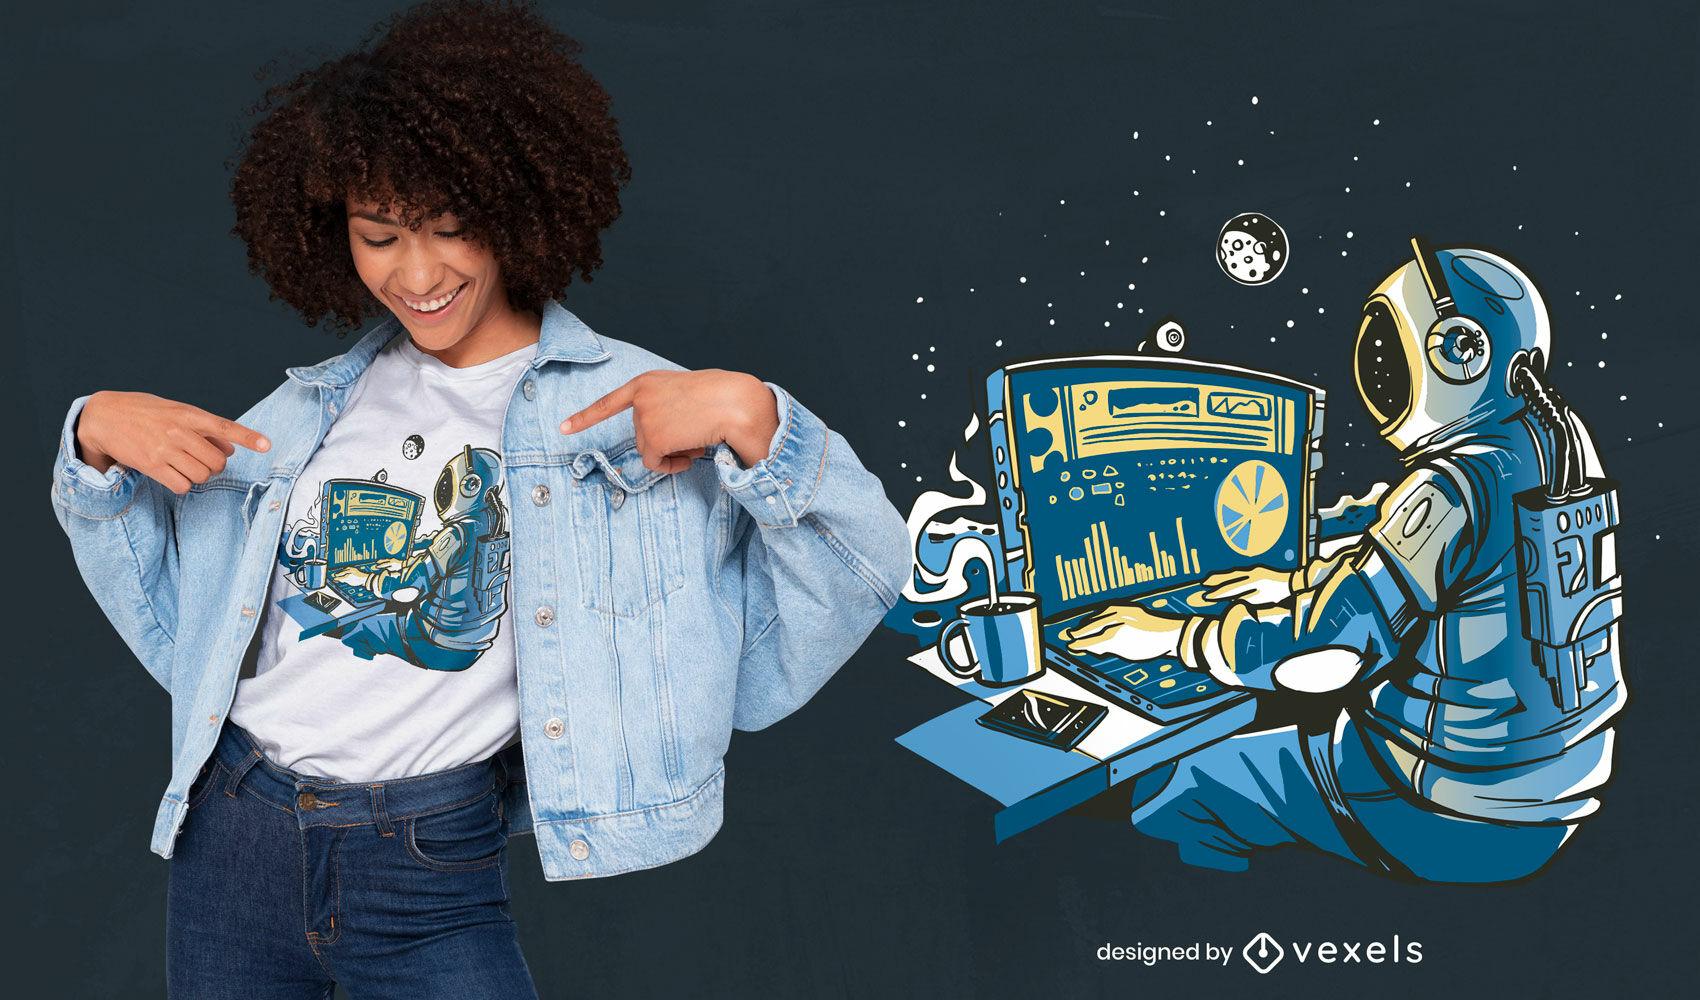 Weltraumastronaut auf Computer-T-Shirt-Design